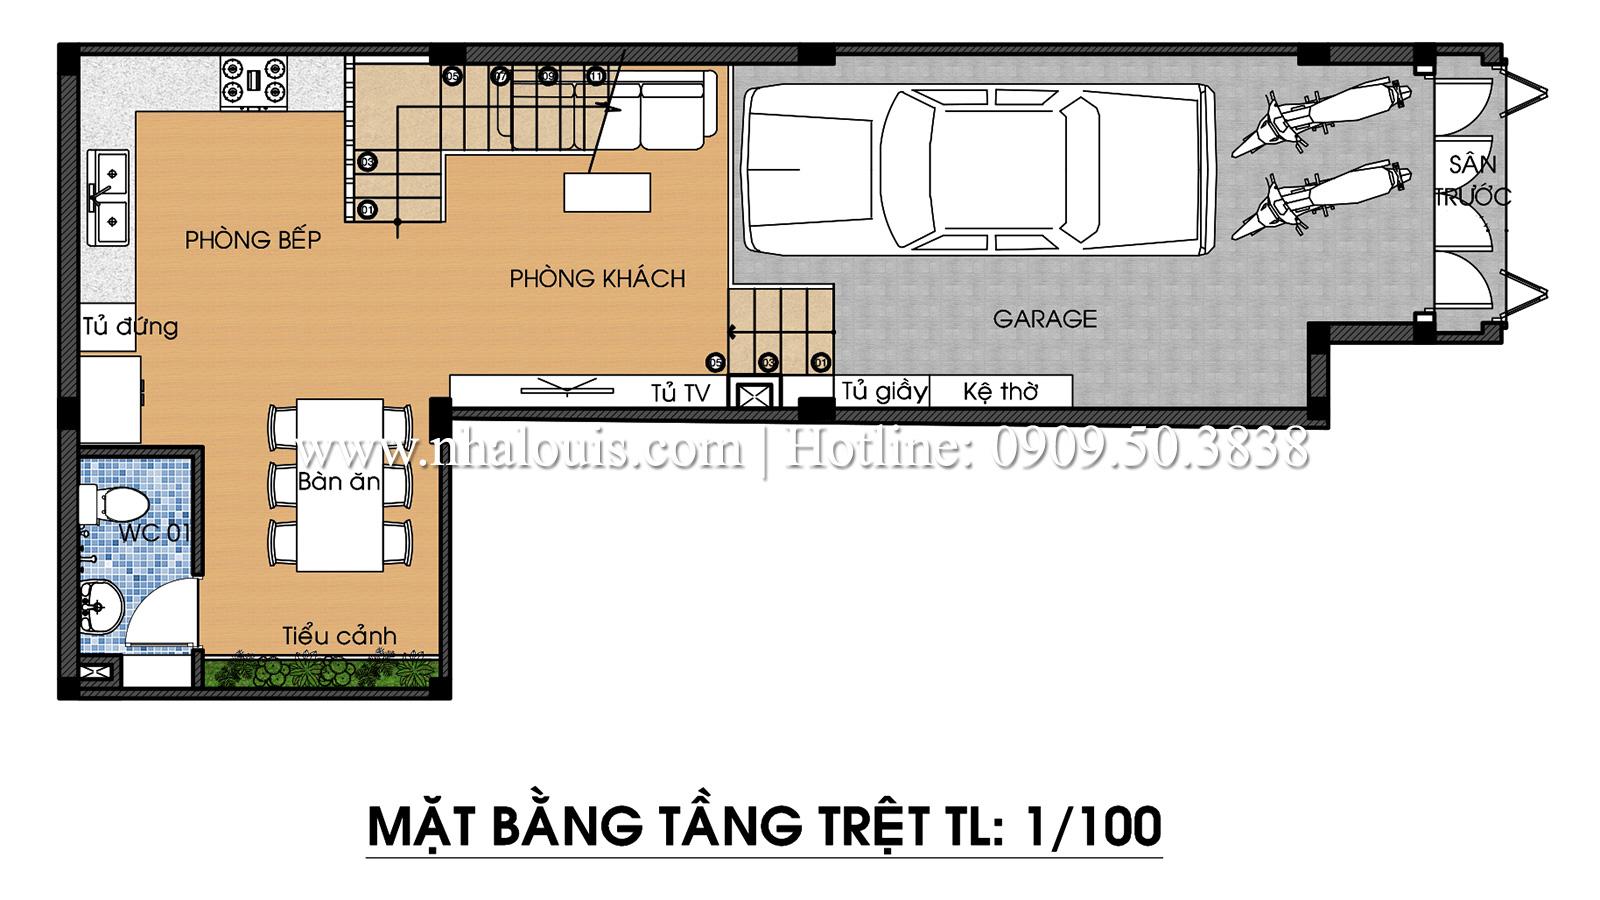 Mặt bằng tầng trệt Mẫu thiết kế nhà phố 5 tầng tại Tân Bình với không gian thiên nhiên xanh mát - 03